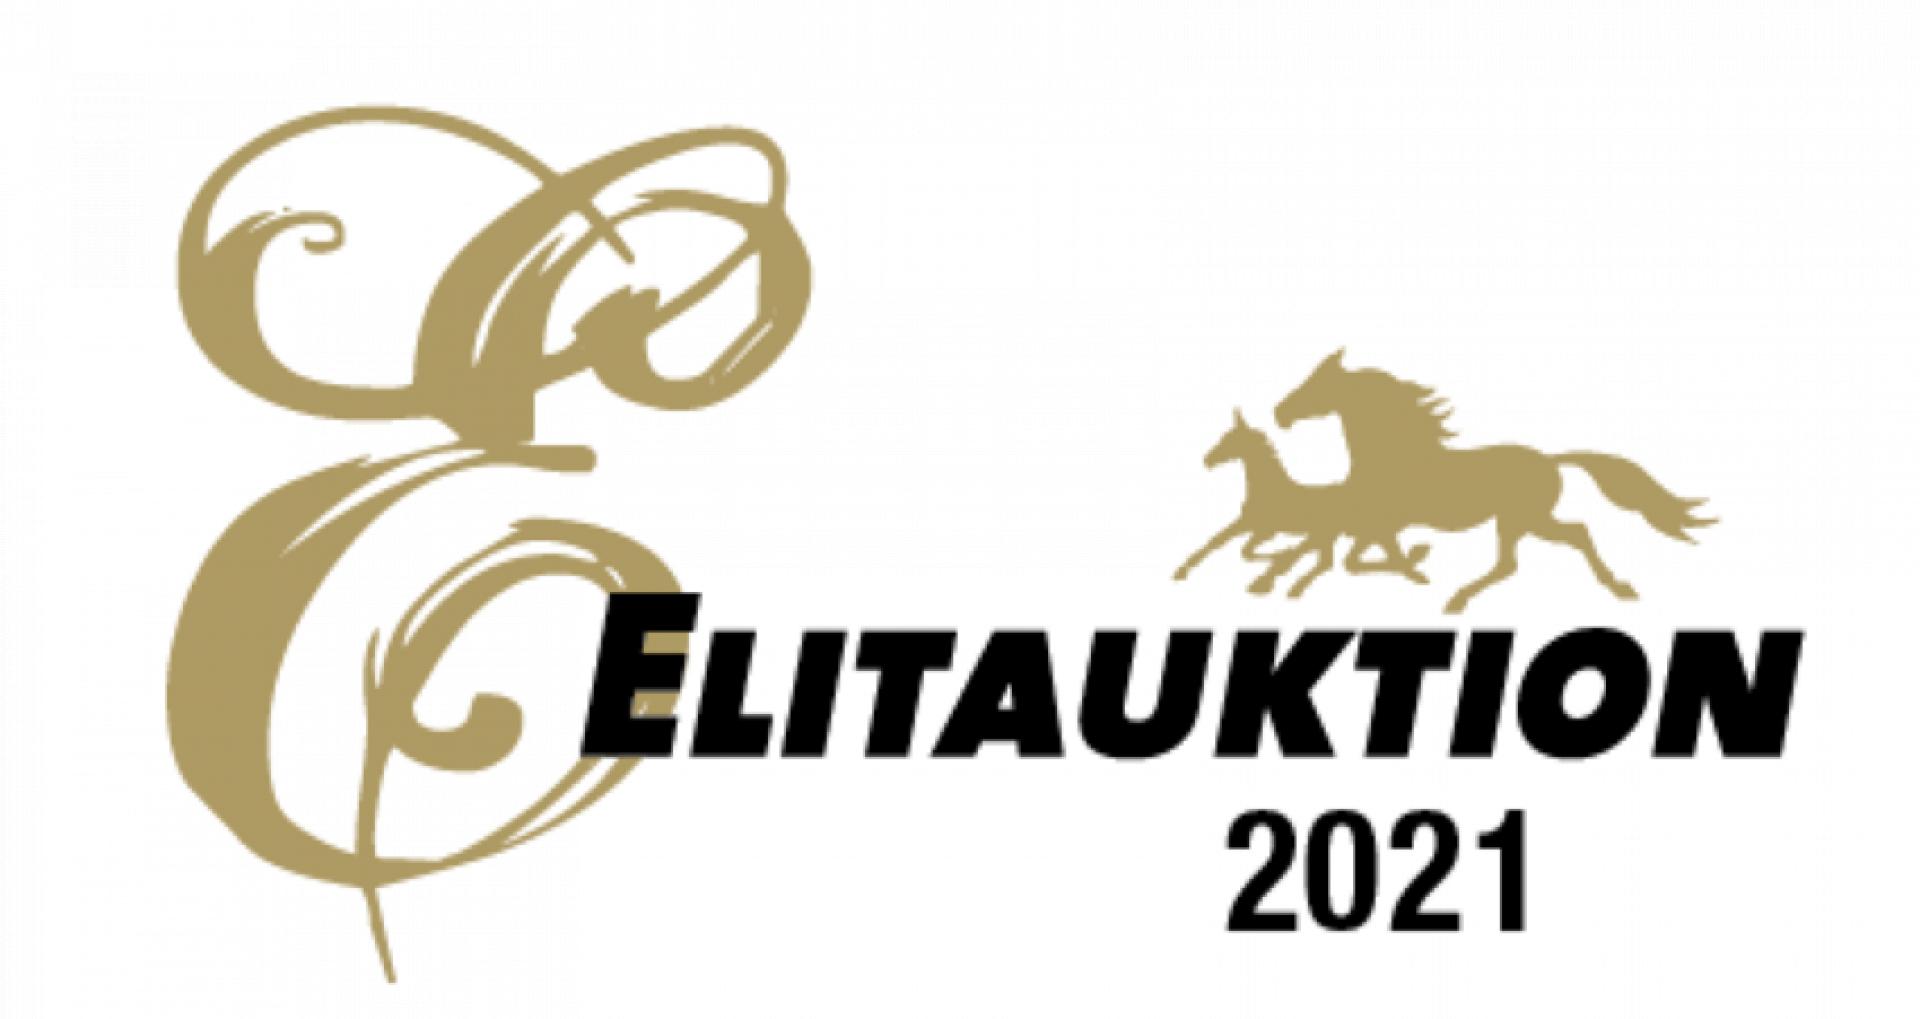 ASVT elitauktion 2021